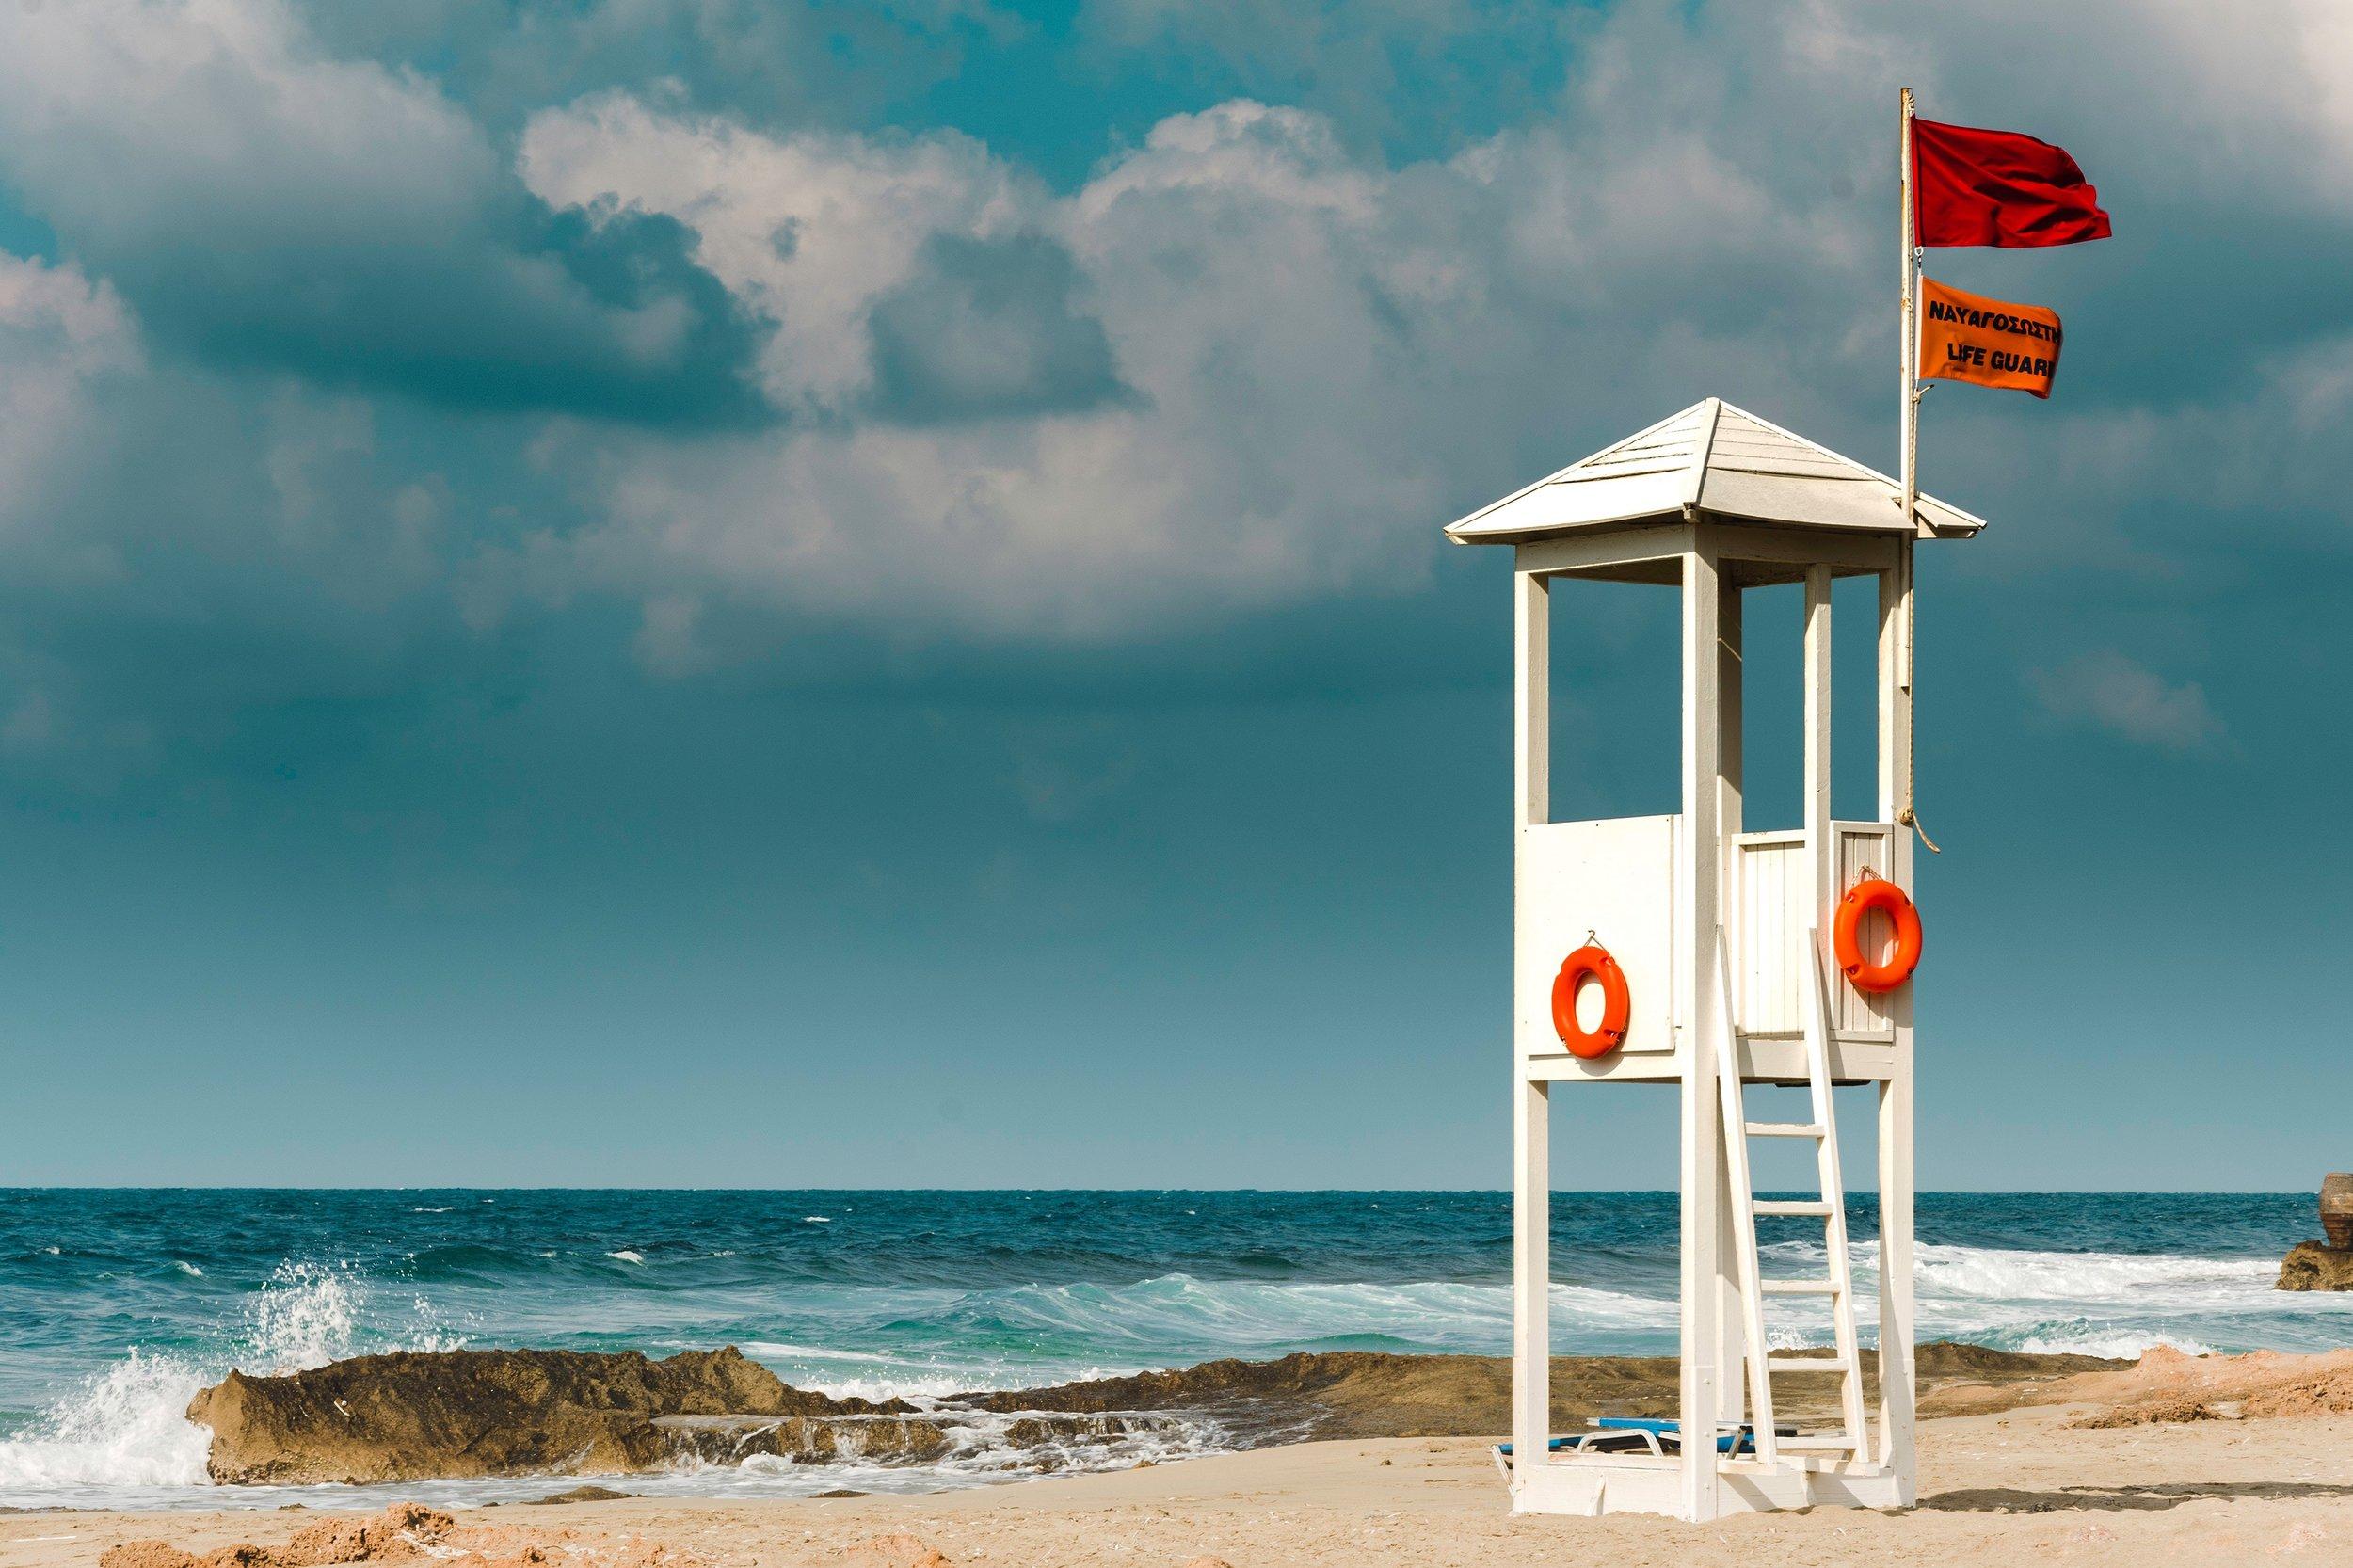 TRAVEL ACE - Líder do mercado de seguros de viagem no Brasil, a Travel Ace existe há 35 anos e está presente em 150 países. Em março de 2018 a empresa foi comprada pelo Zurich Insurance Group, uma das principais seguradoras do mundo.